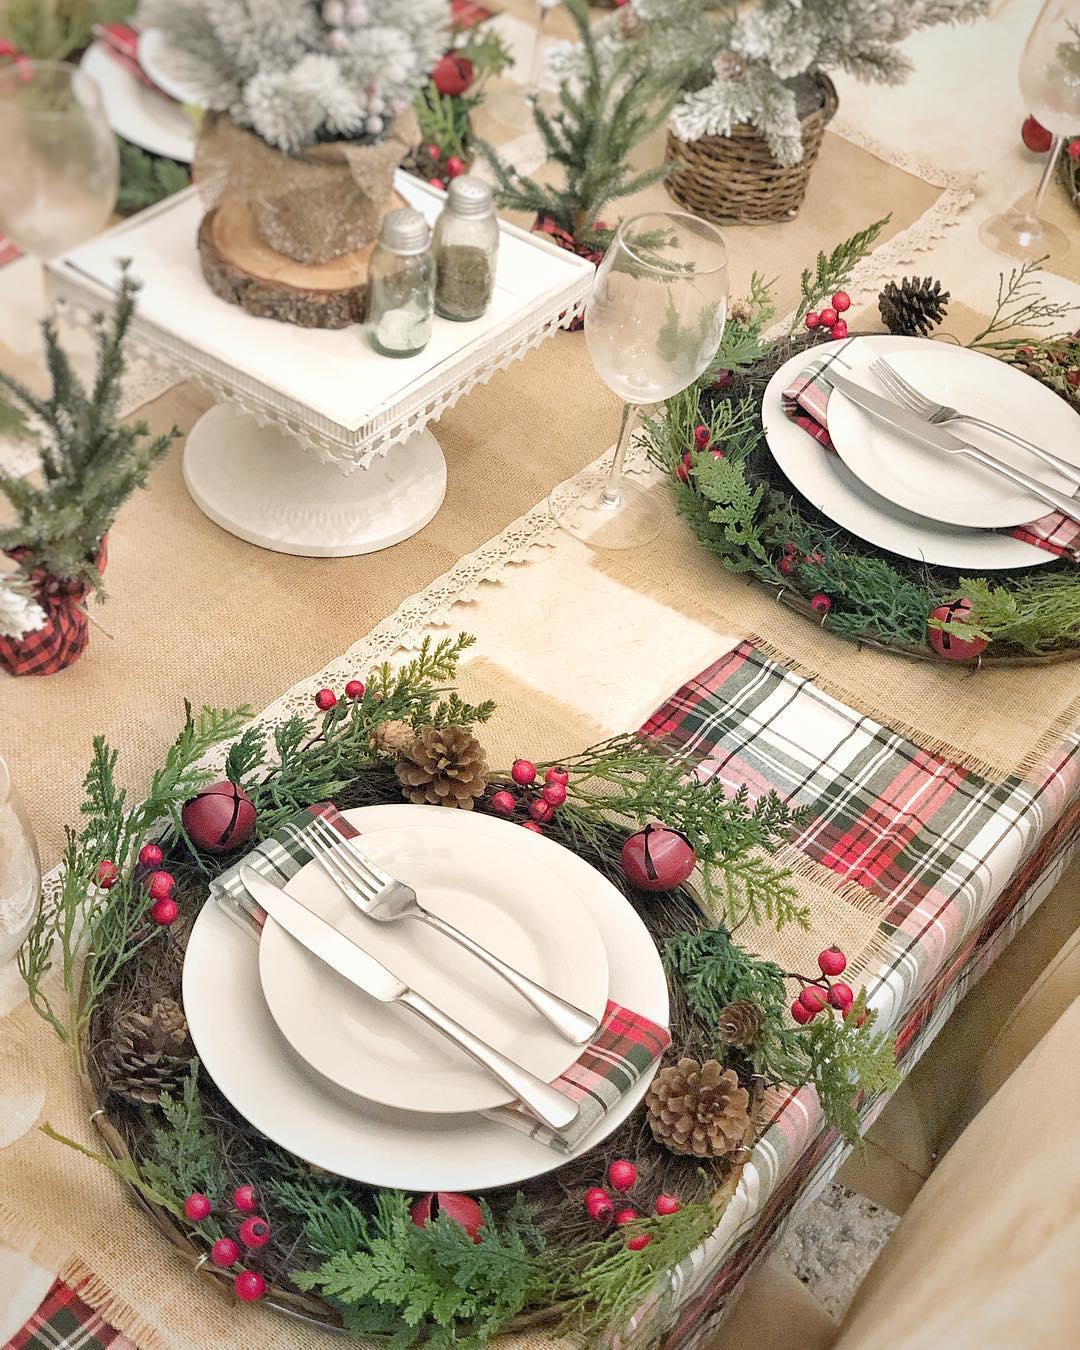 Farmhouse Christmas Table Setting   CNS Designs & Decor